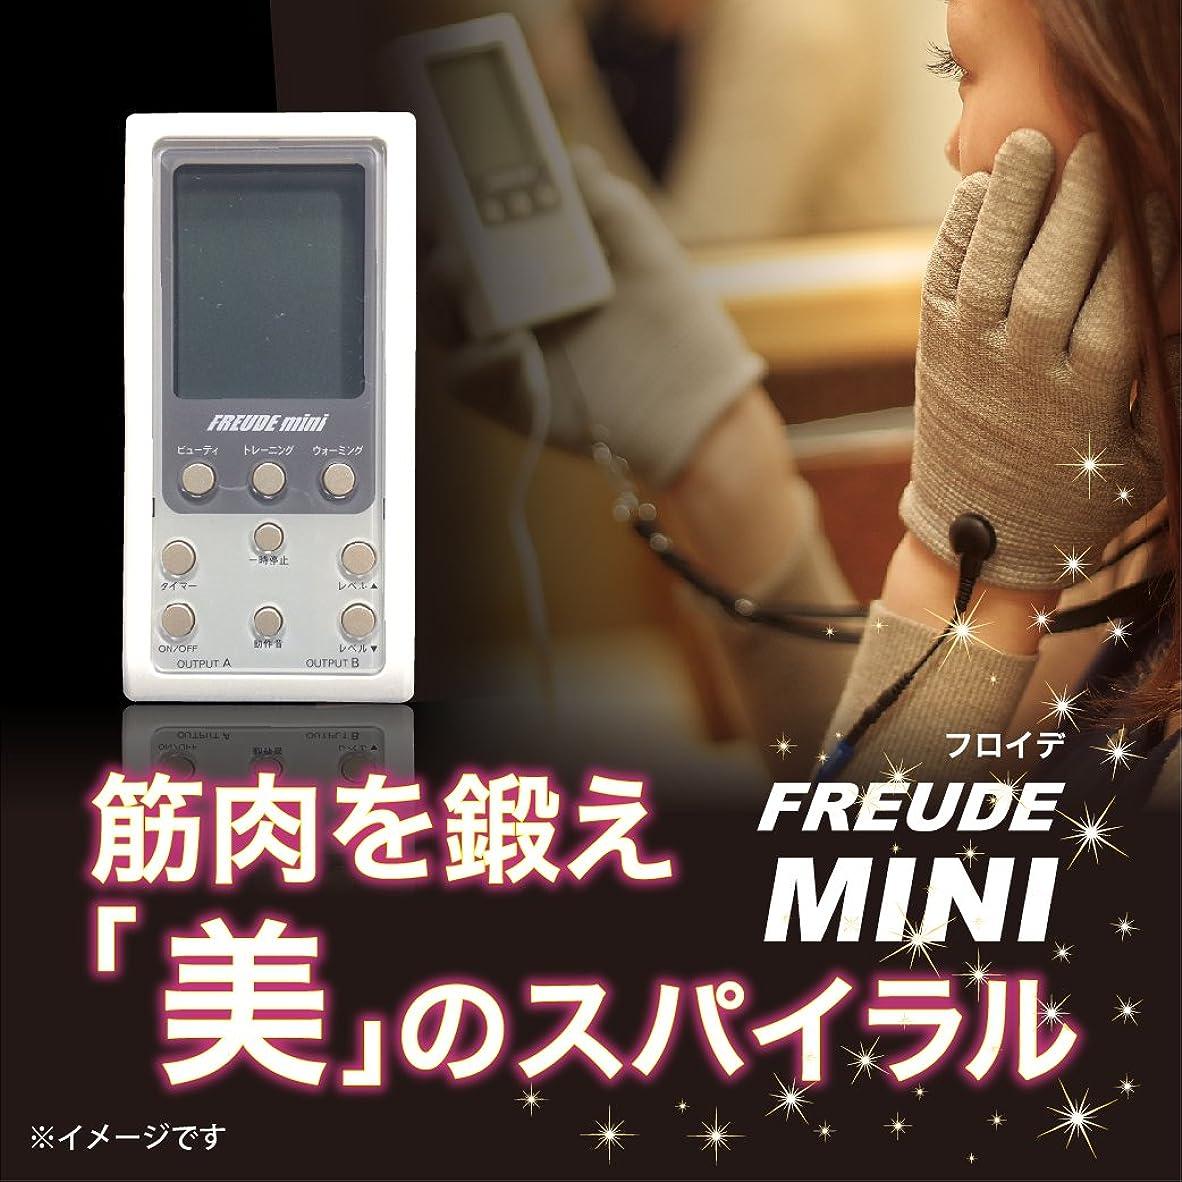 争うテメリティ特権FREUDE-mini フロイデミニ 本体セット×1台(専用粘着パッド4枚付)